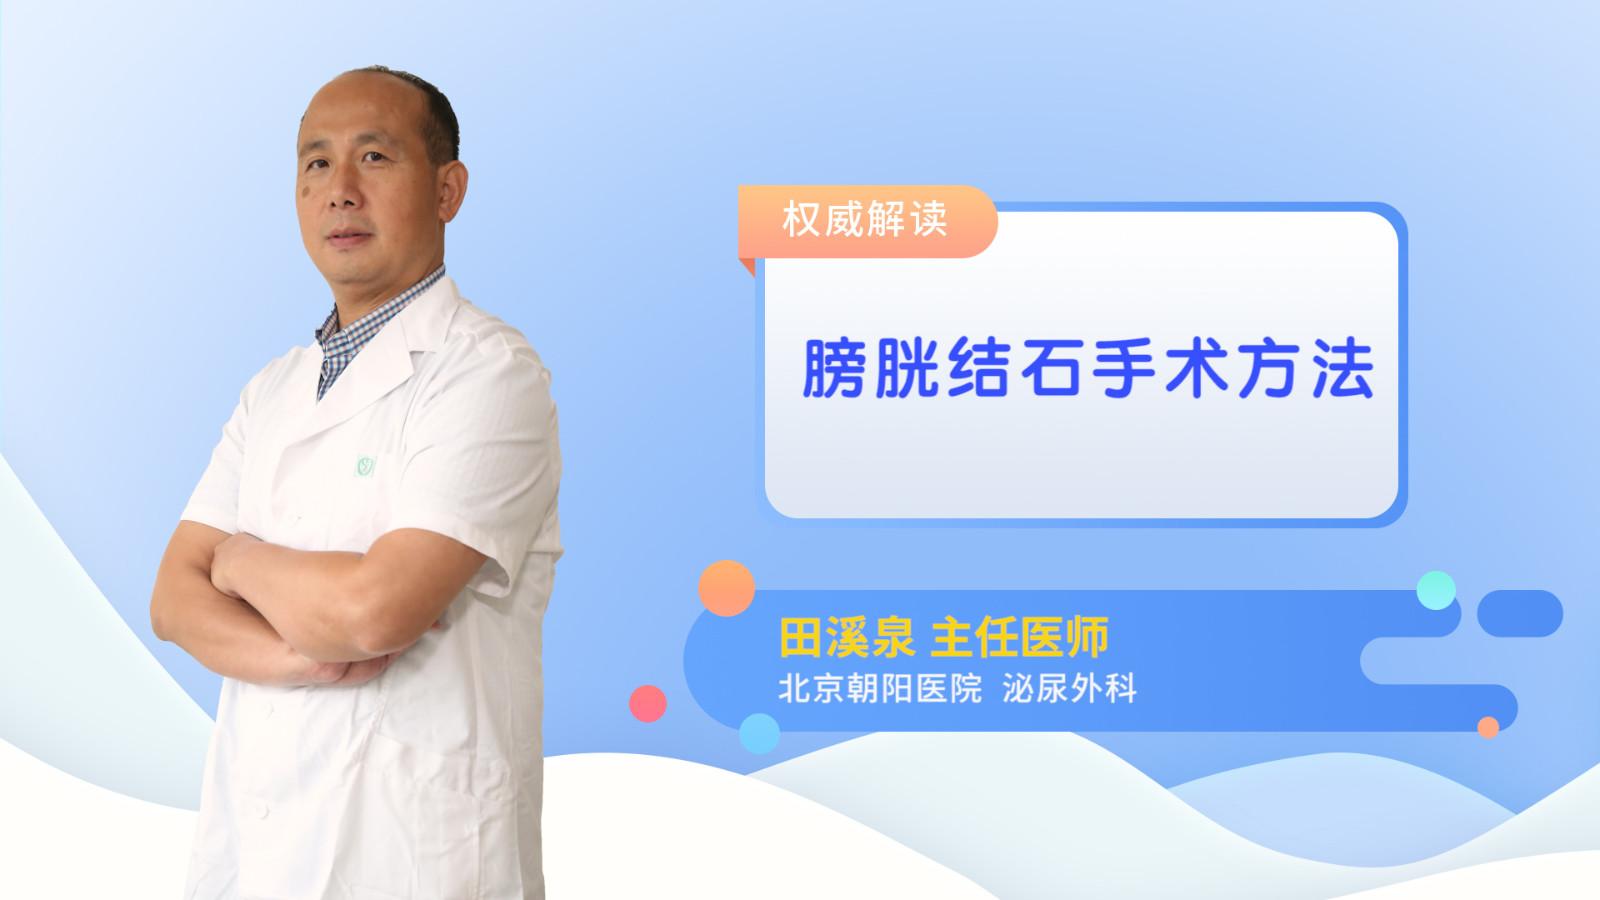 膀胱結石手術方法